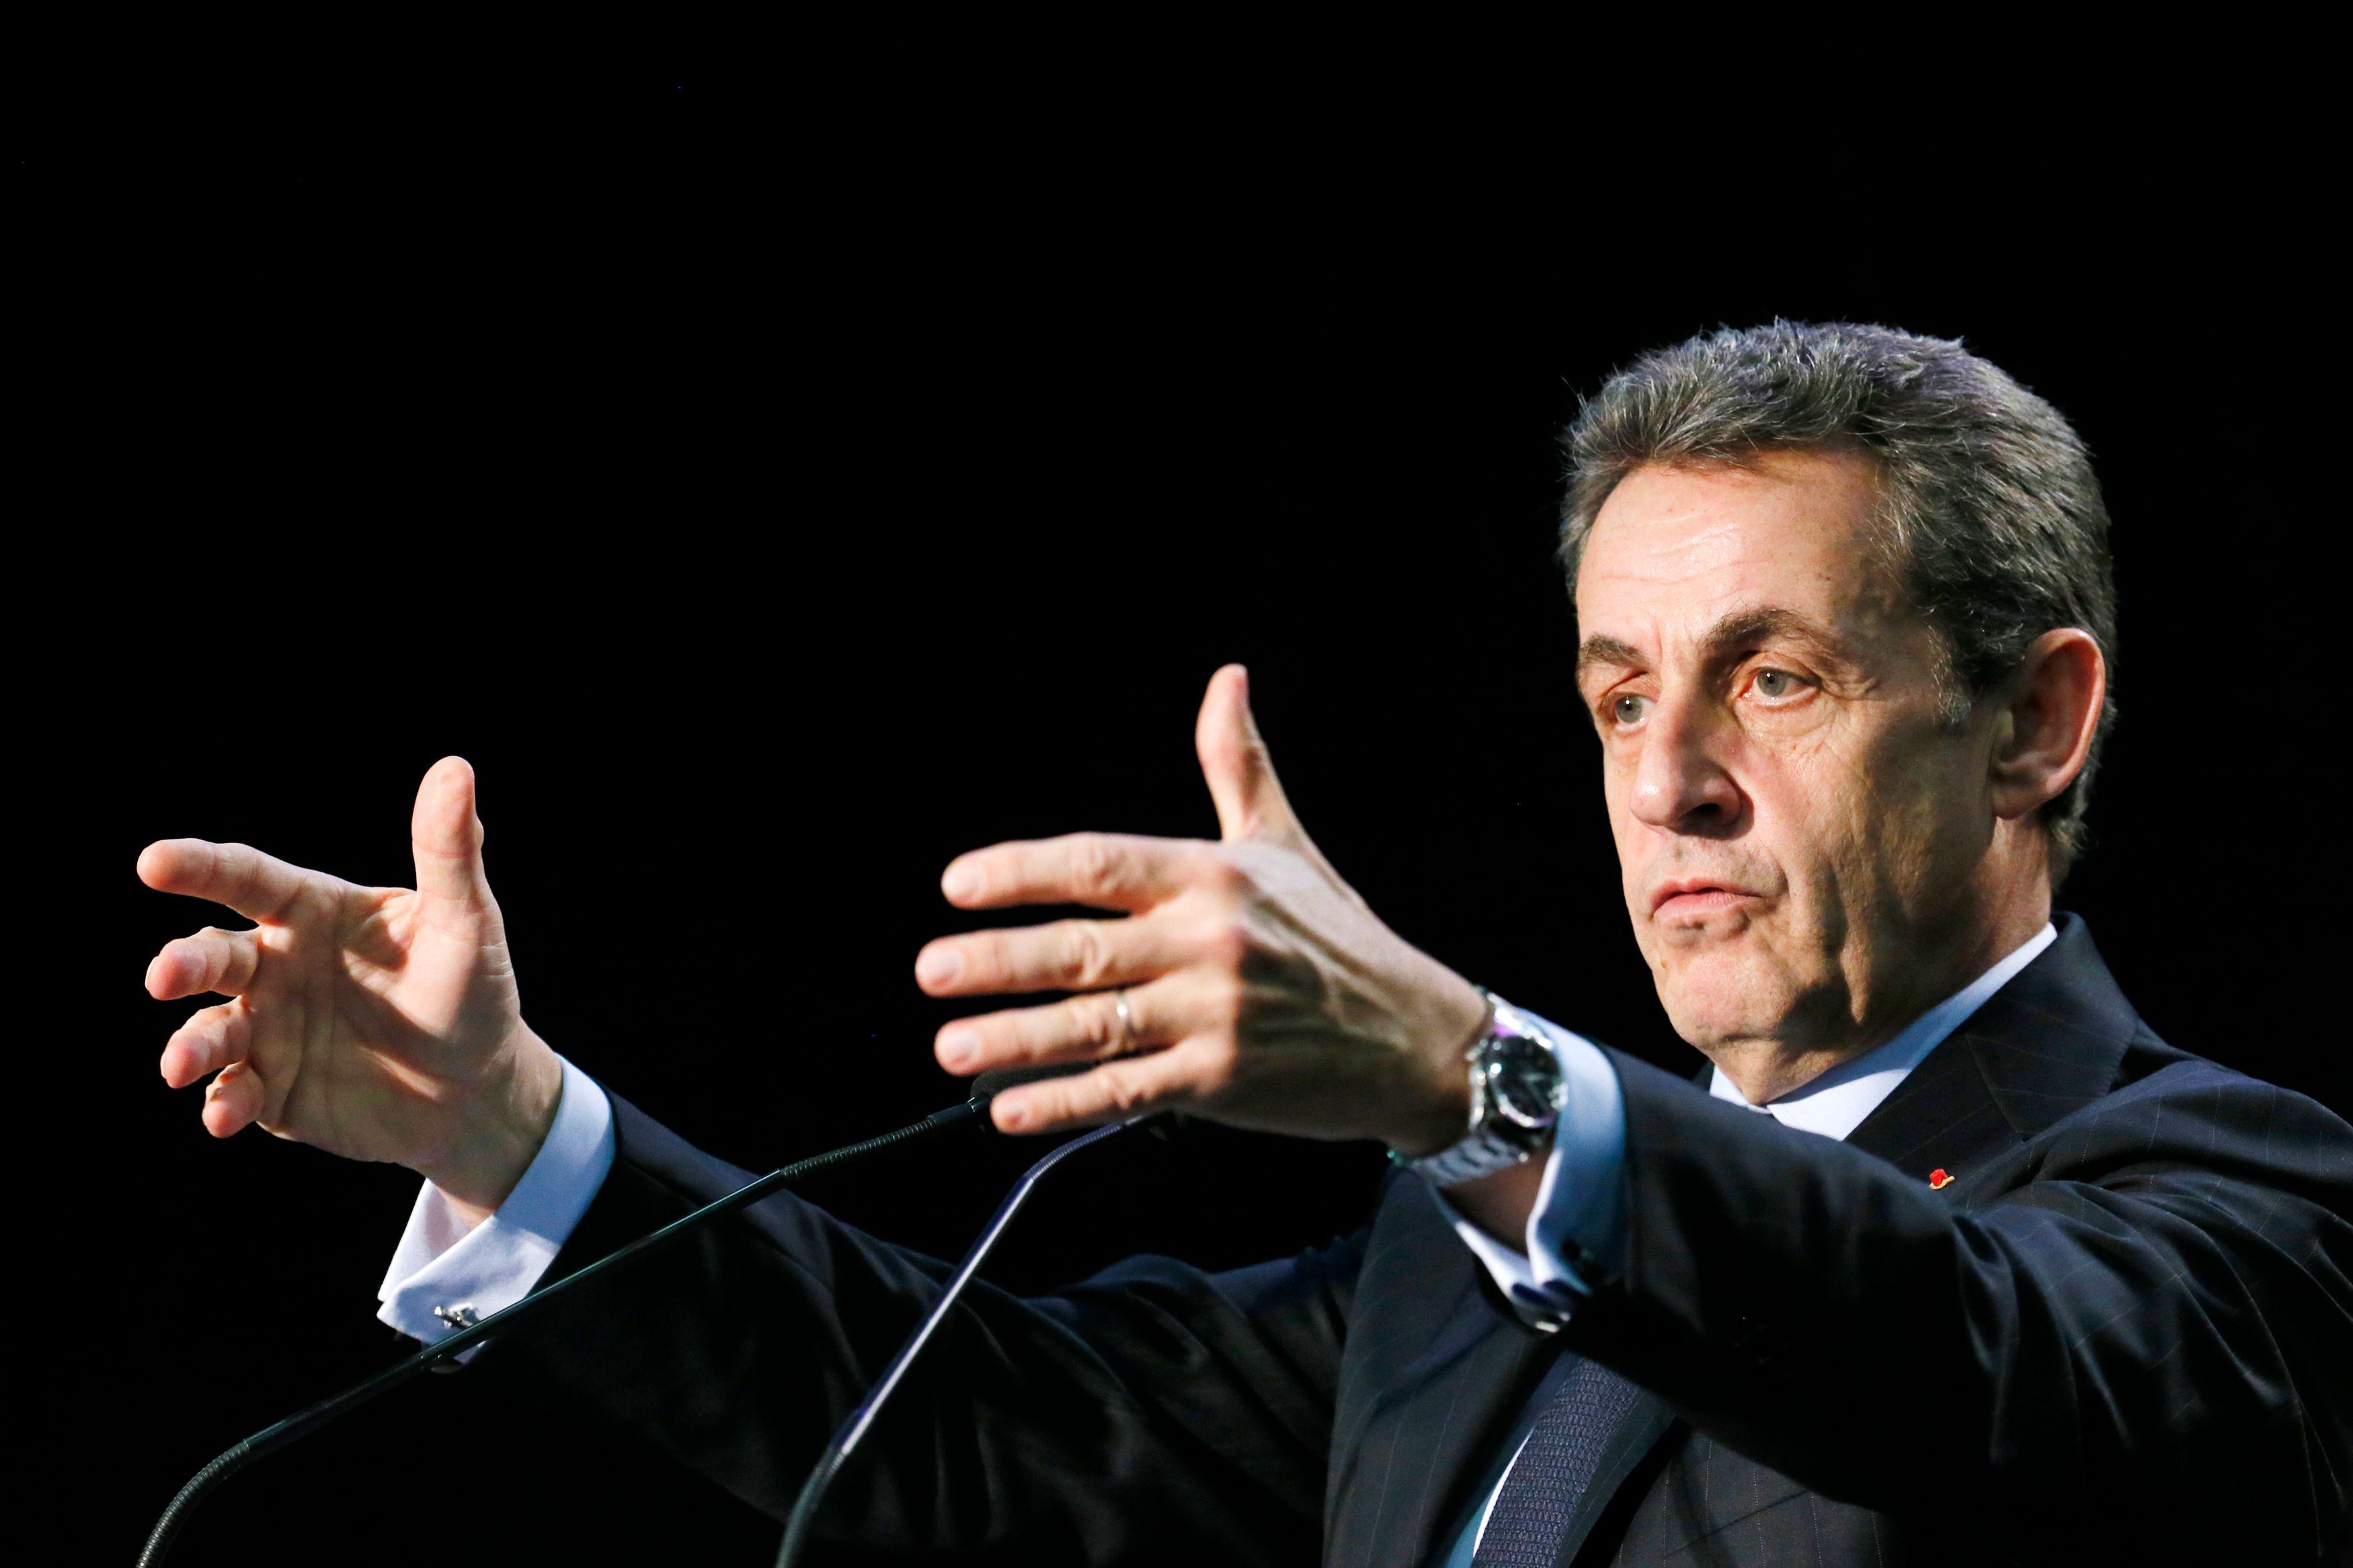 Régionales : Nicolas Sarkozy prêt à conquérir les chasseurs de France